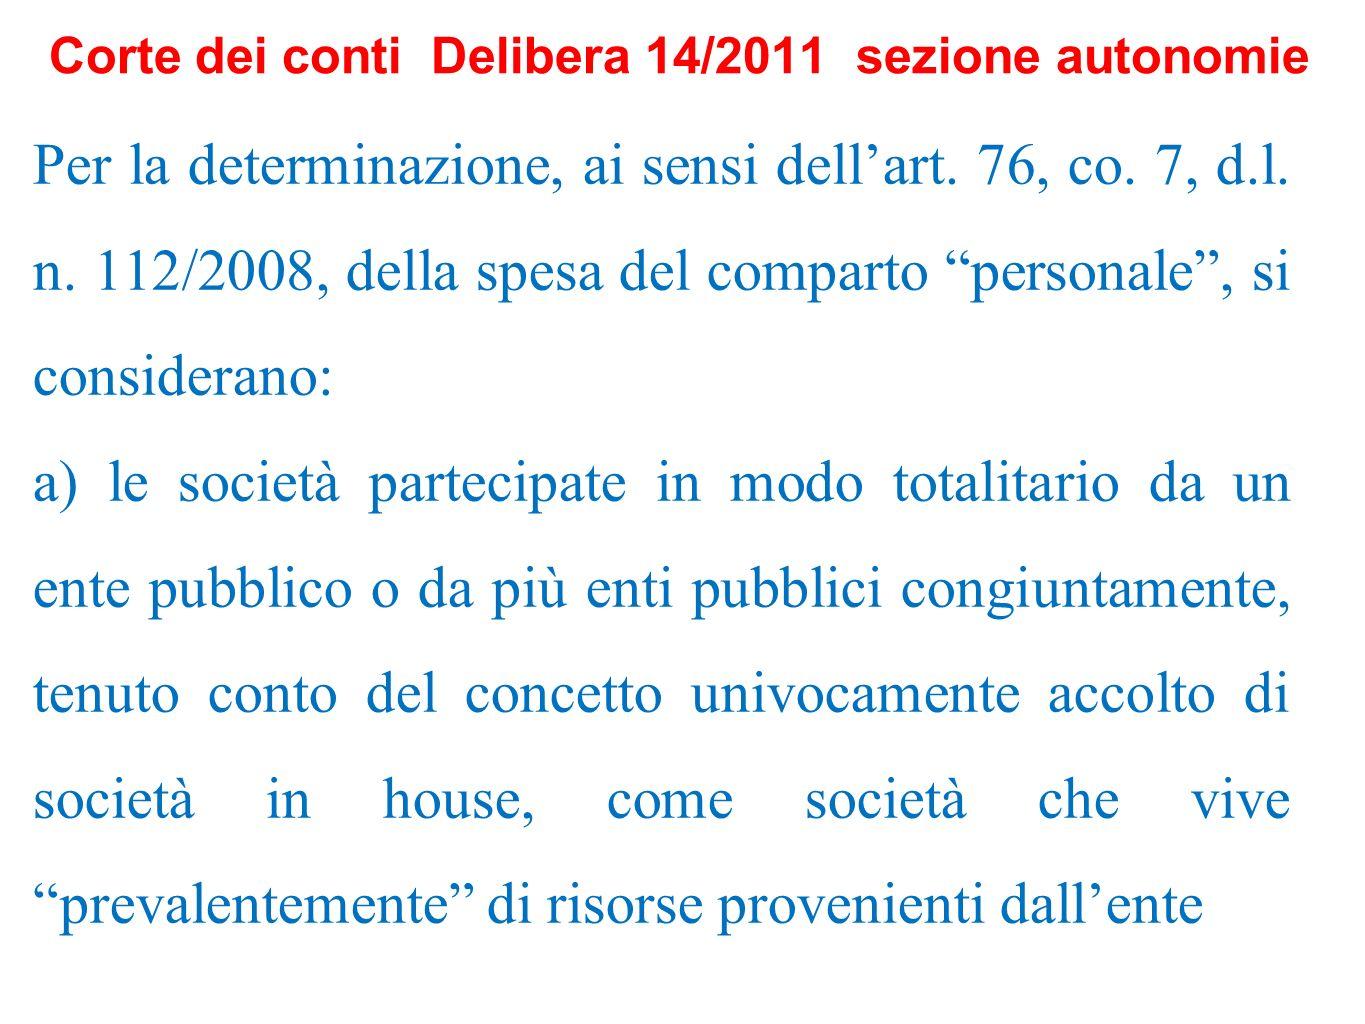 Corte dei conti Delibera 14/2011 sezione autonomie Per la determinazione, ai sensi dellart. 76, co. 7, d.l. n. 112/2008, della spesa del comparto pers